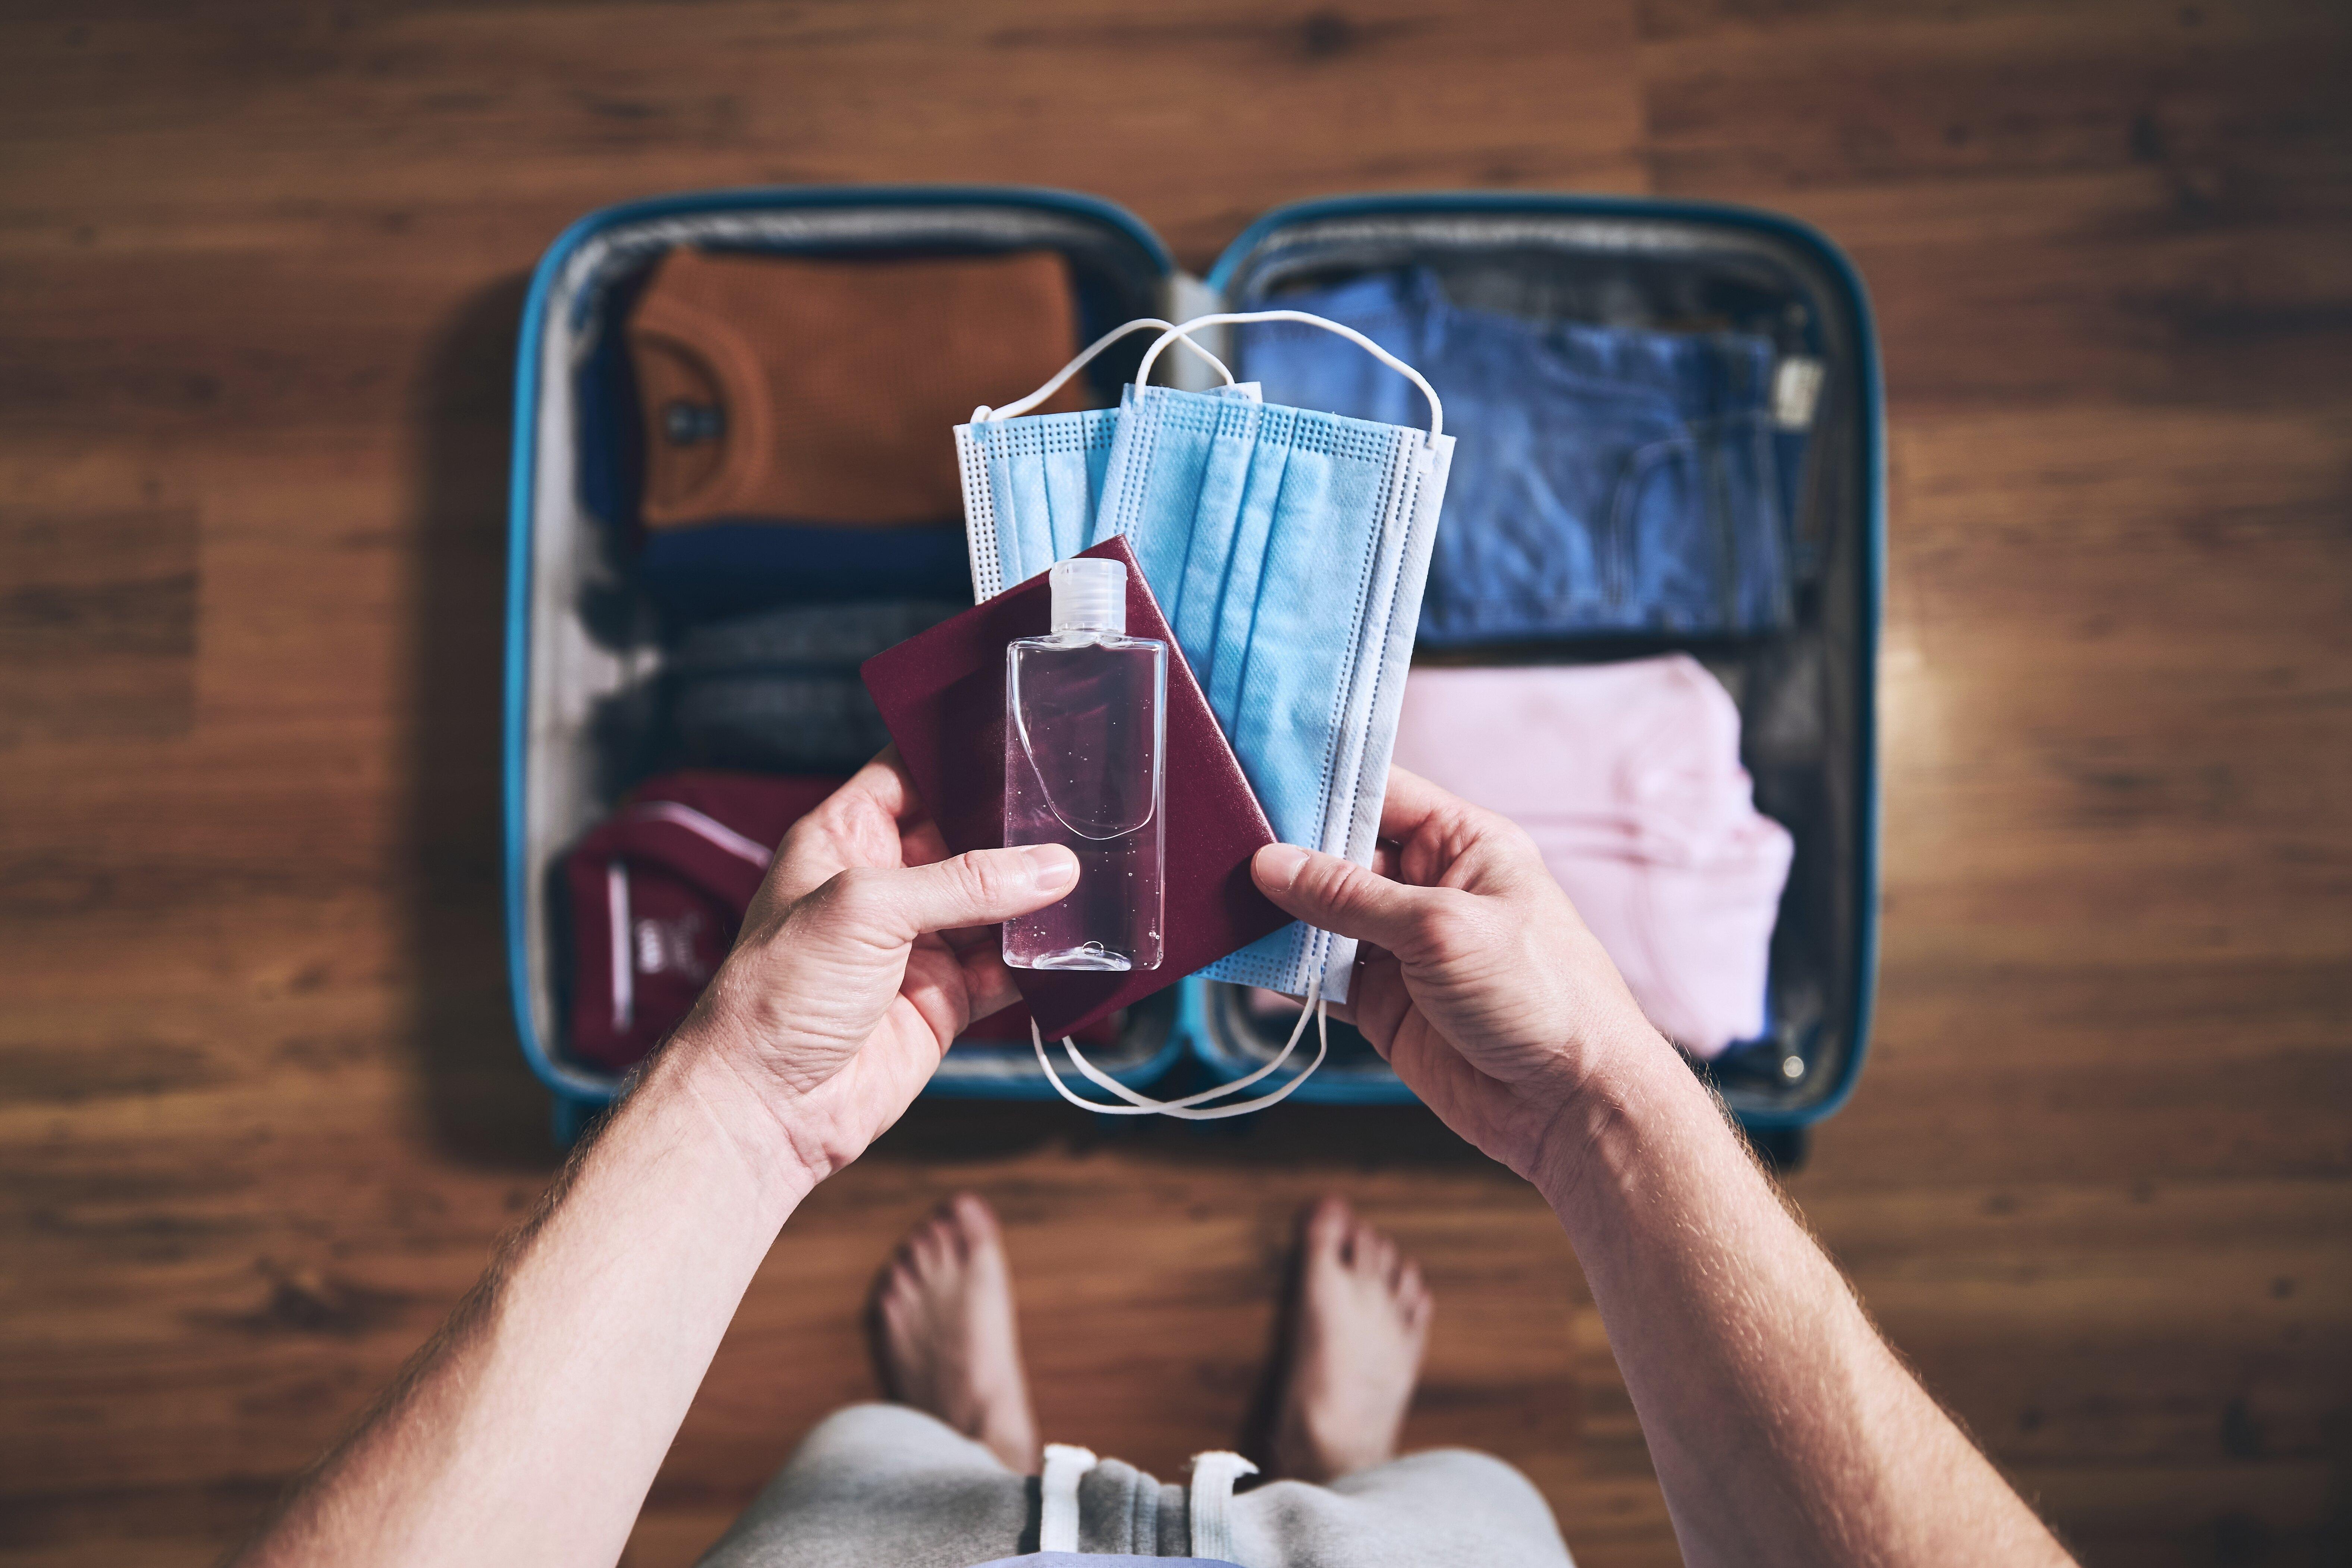 Comment voyager en 2021, guide pratique d'un voyageur en temps de pandémie (Phot prétexte...